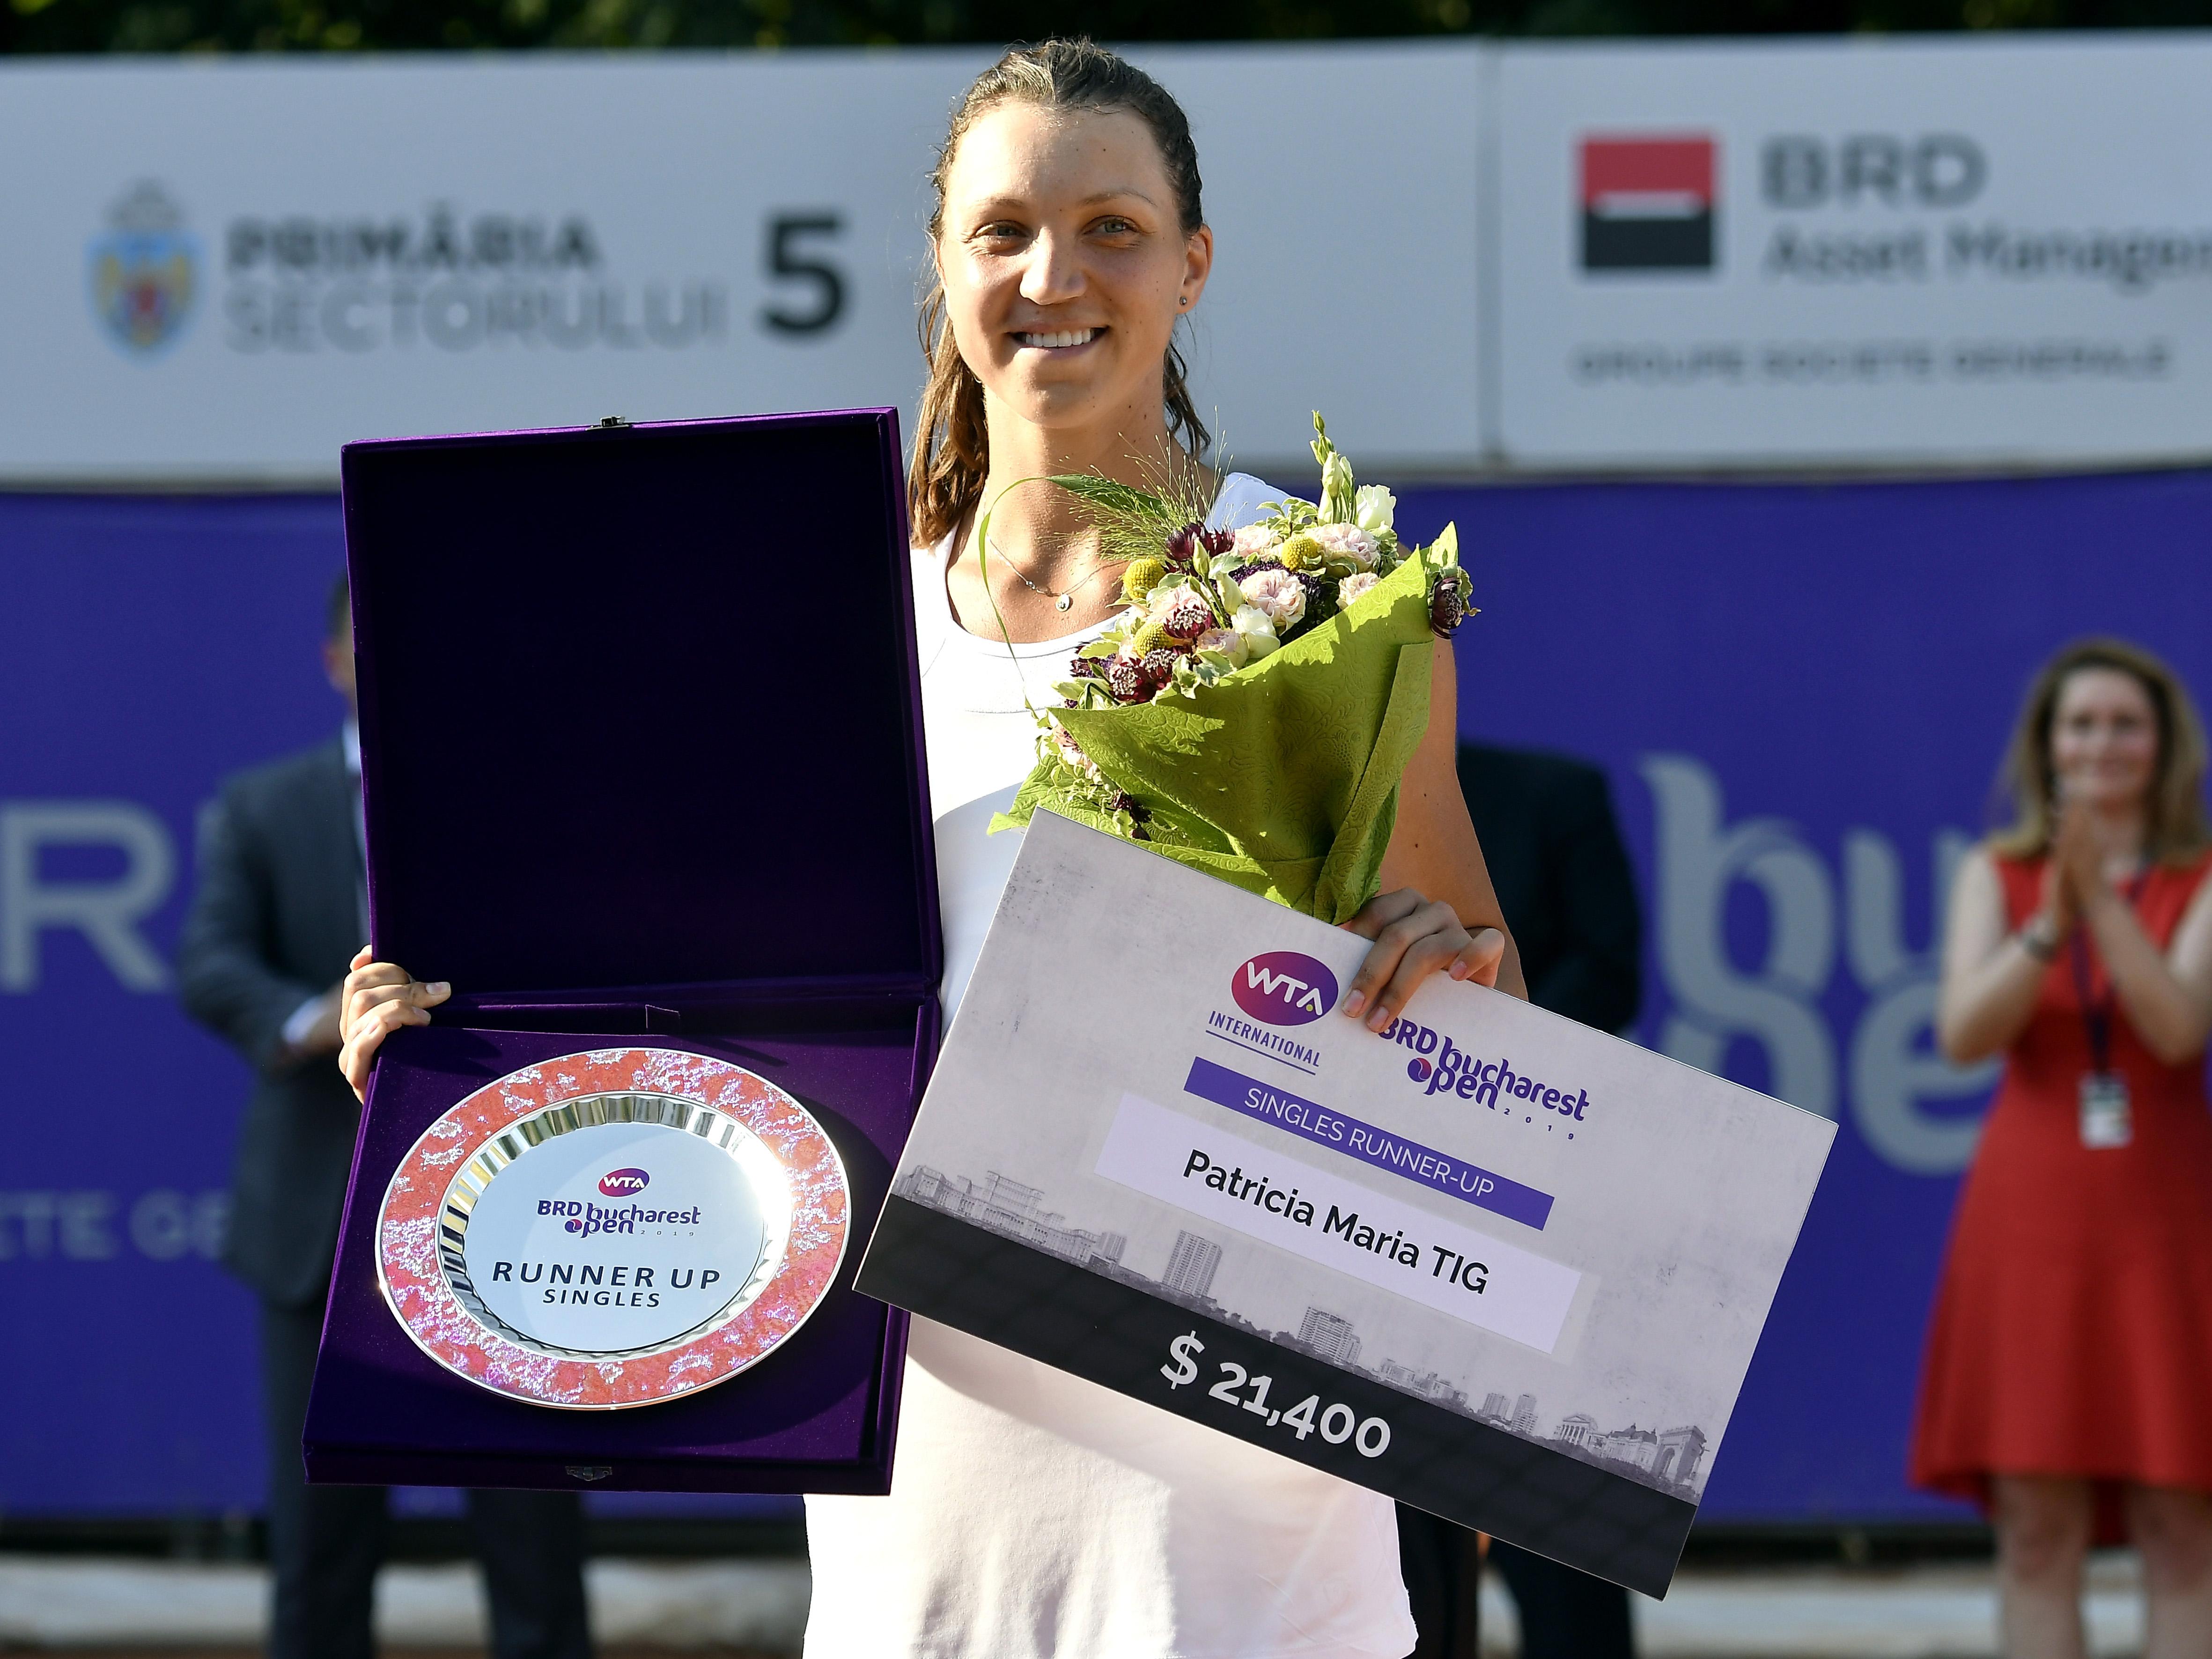 Patricia Ţig şi trofeul primit după finala BRD Open 2019 (sursă foto: sportpictures.eu)